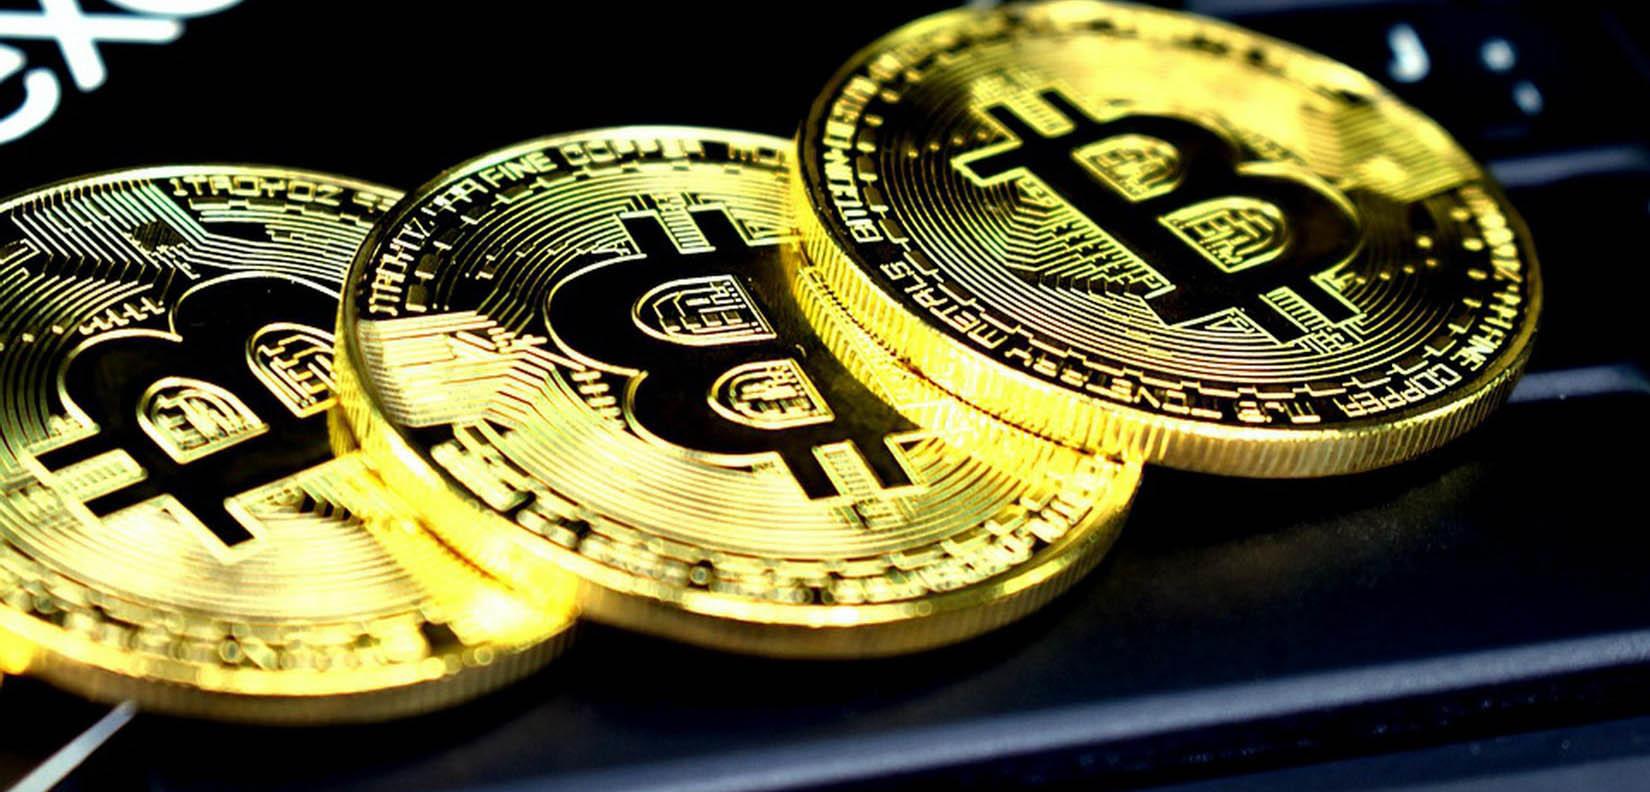 Smeliai sidnėjus bitcoin brokeris padėti investuoti į skaitmeninės valiutos grupę